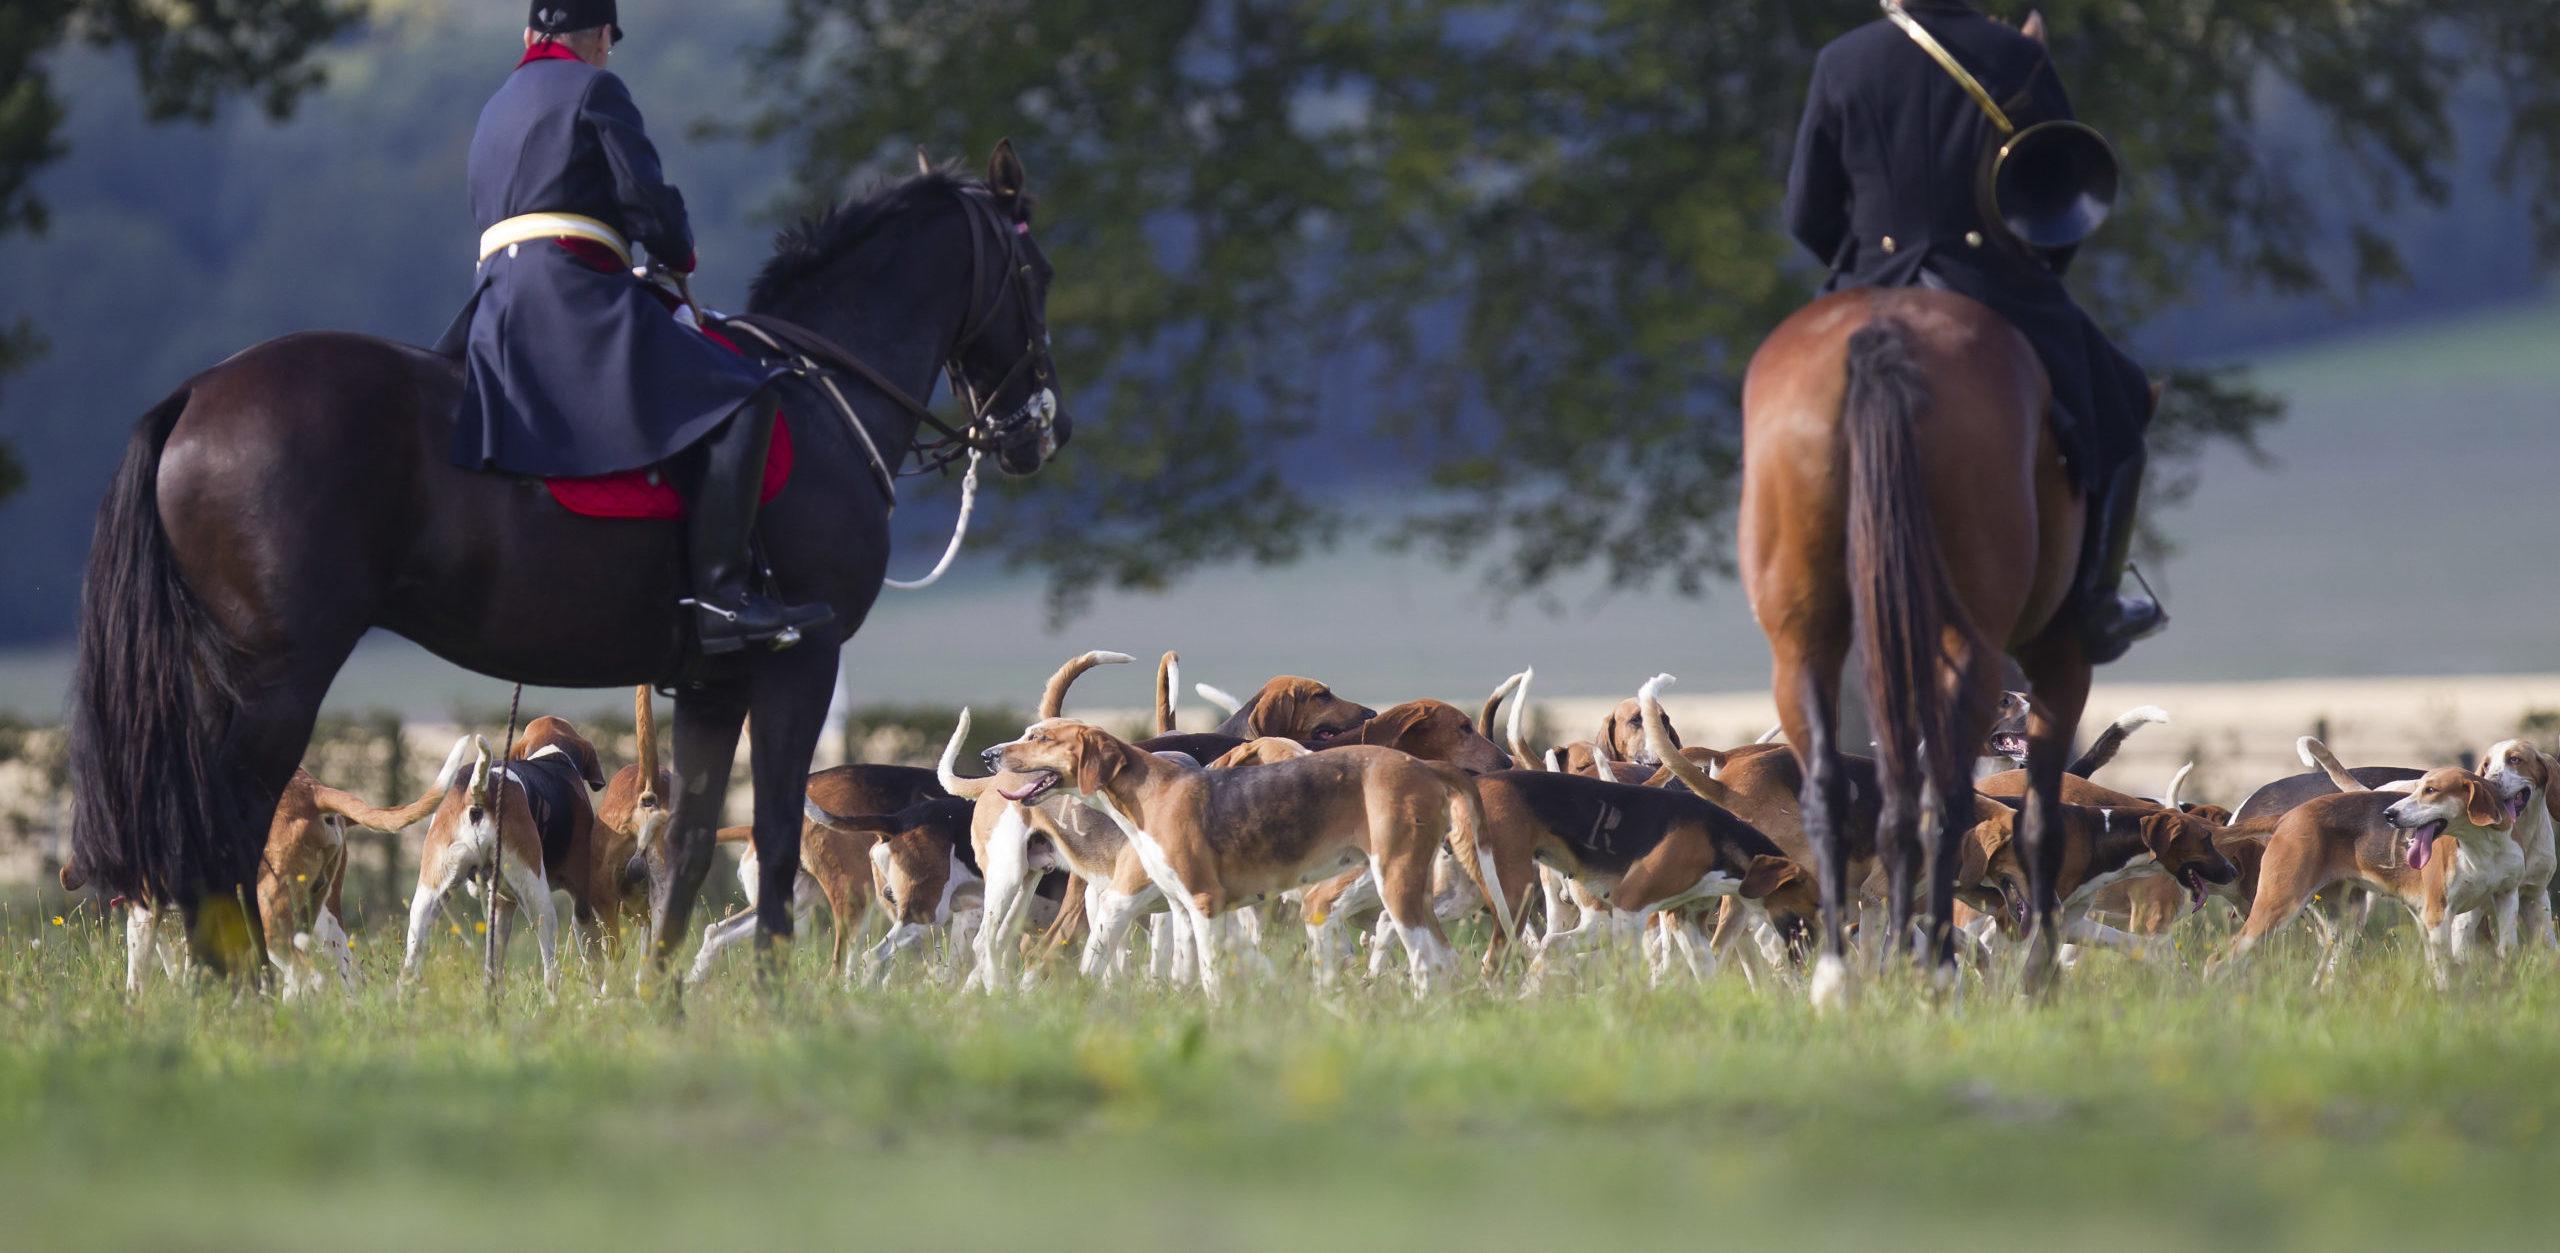 chiens de chasse Equipage de chasse à courre